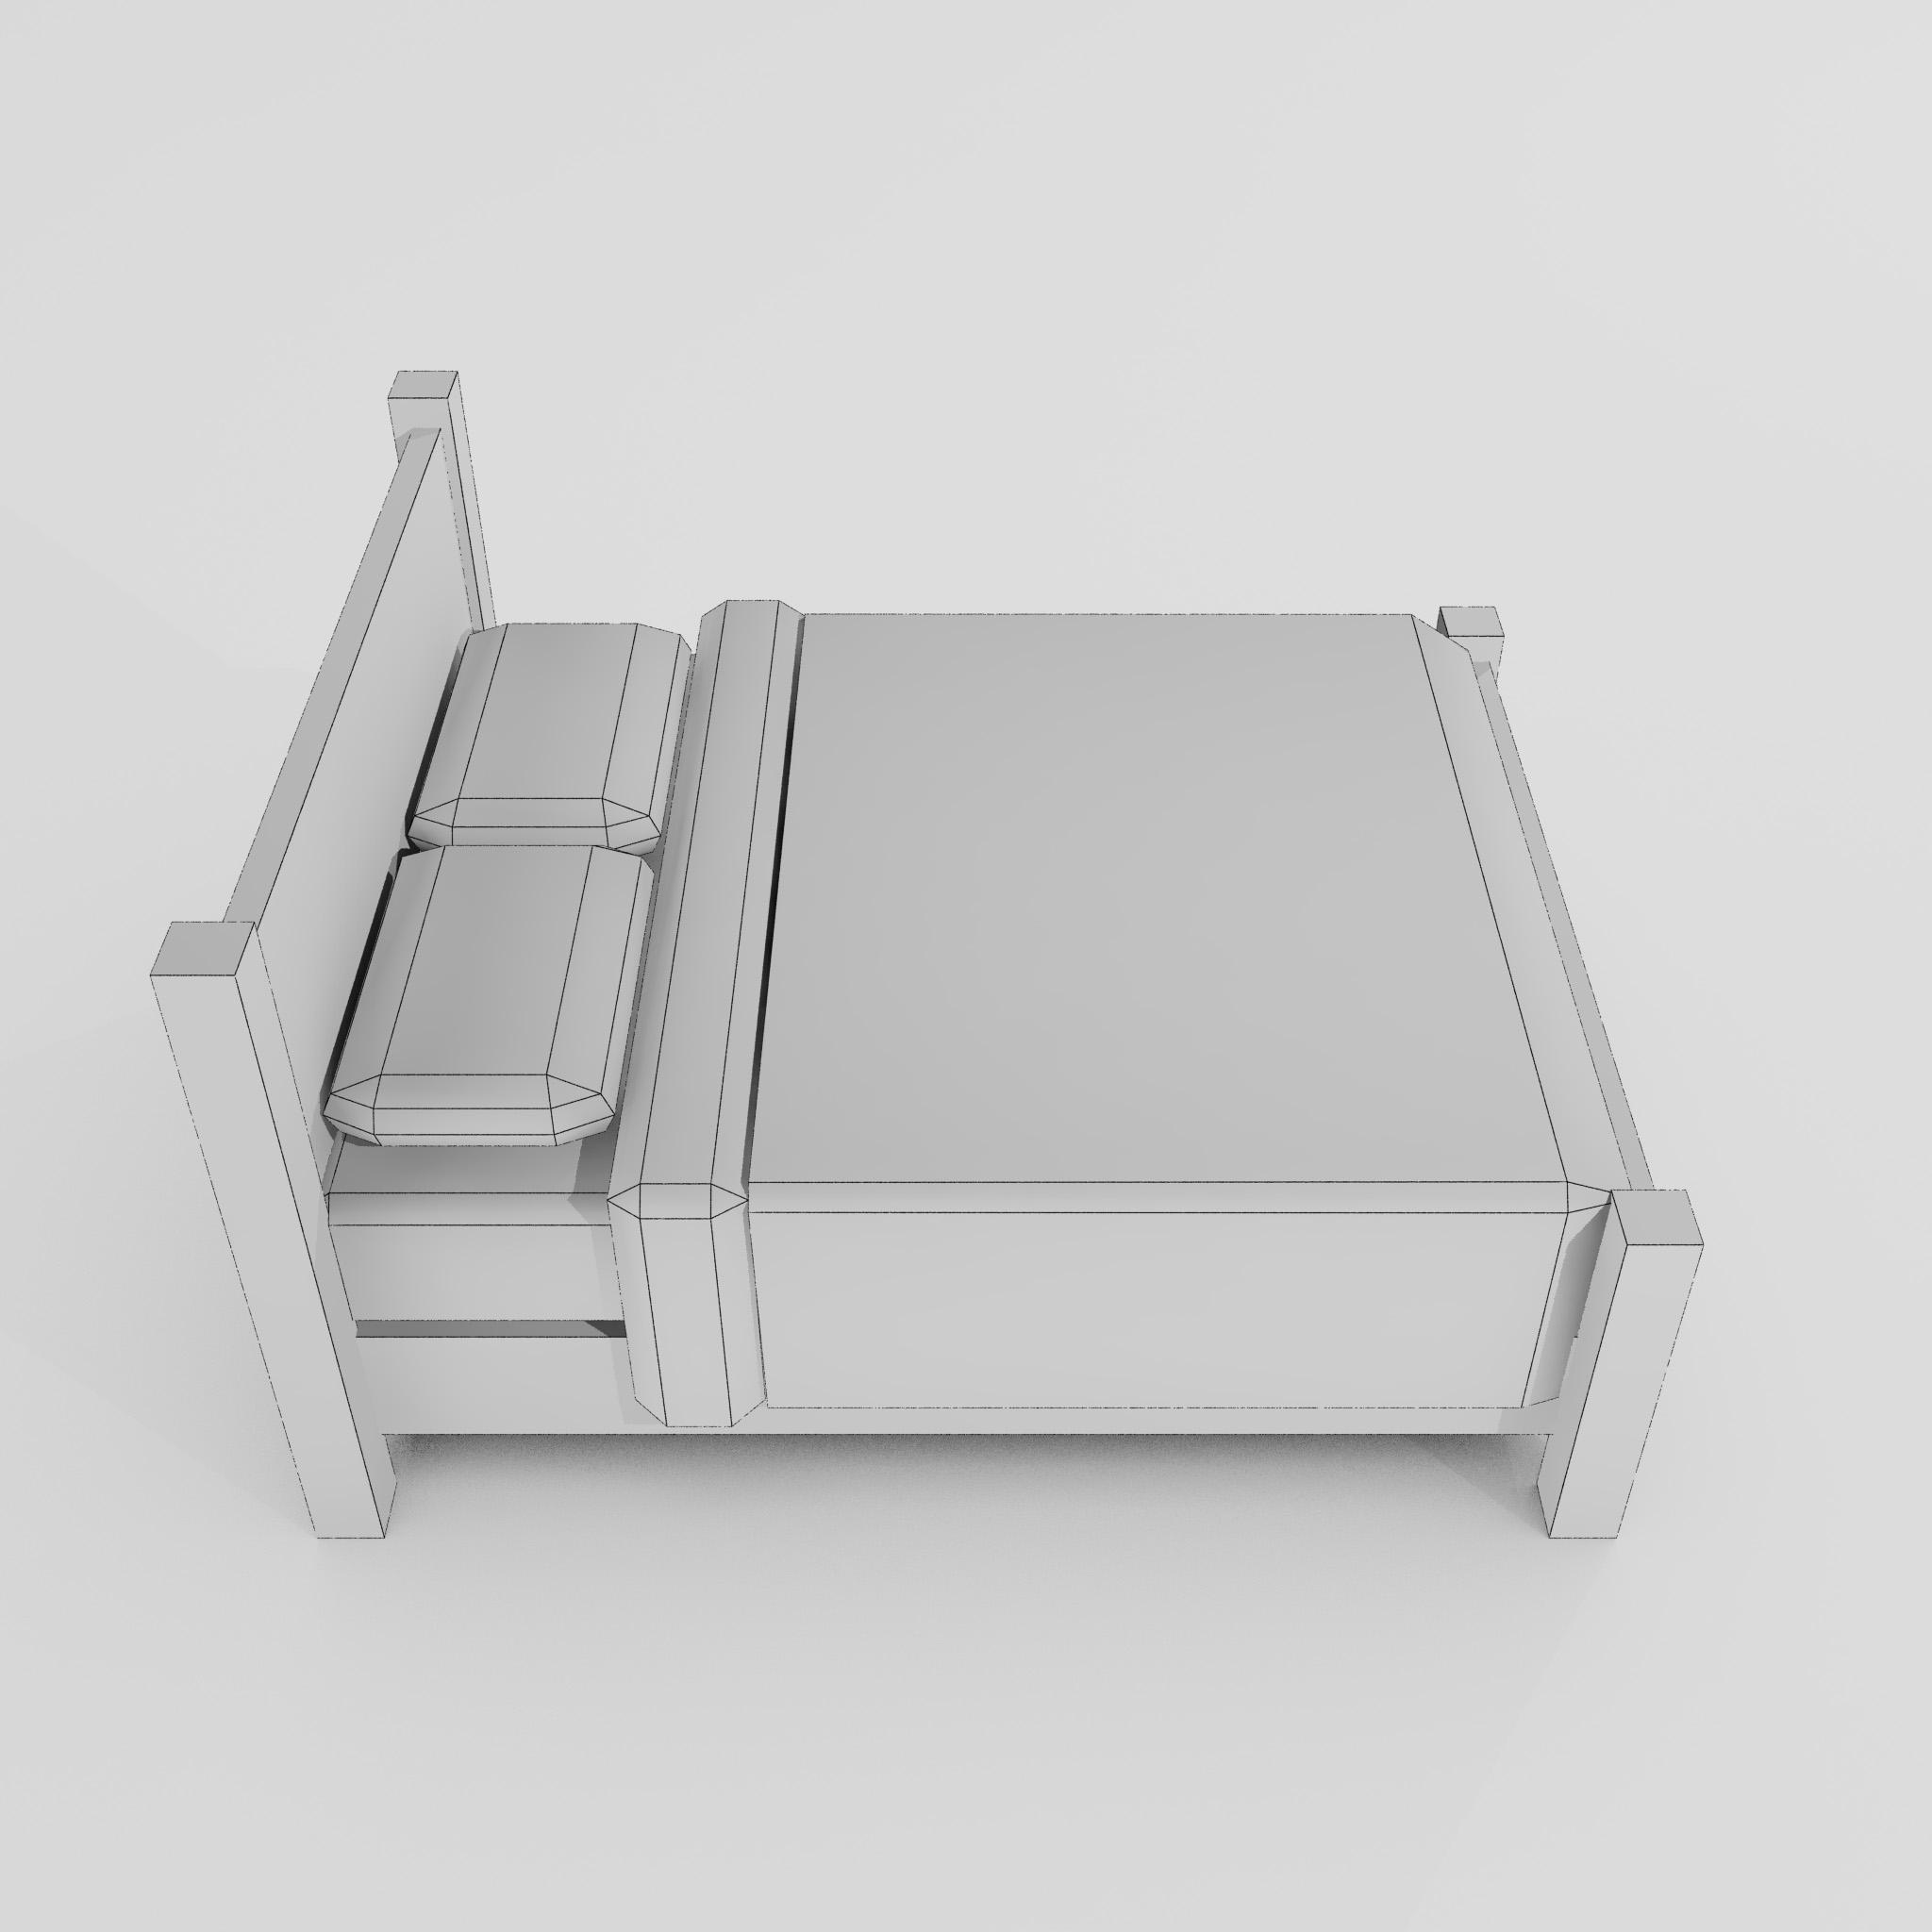 double bed 3d model 3ds max fbx obj 271951